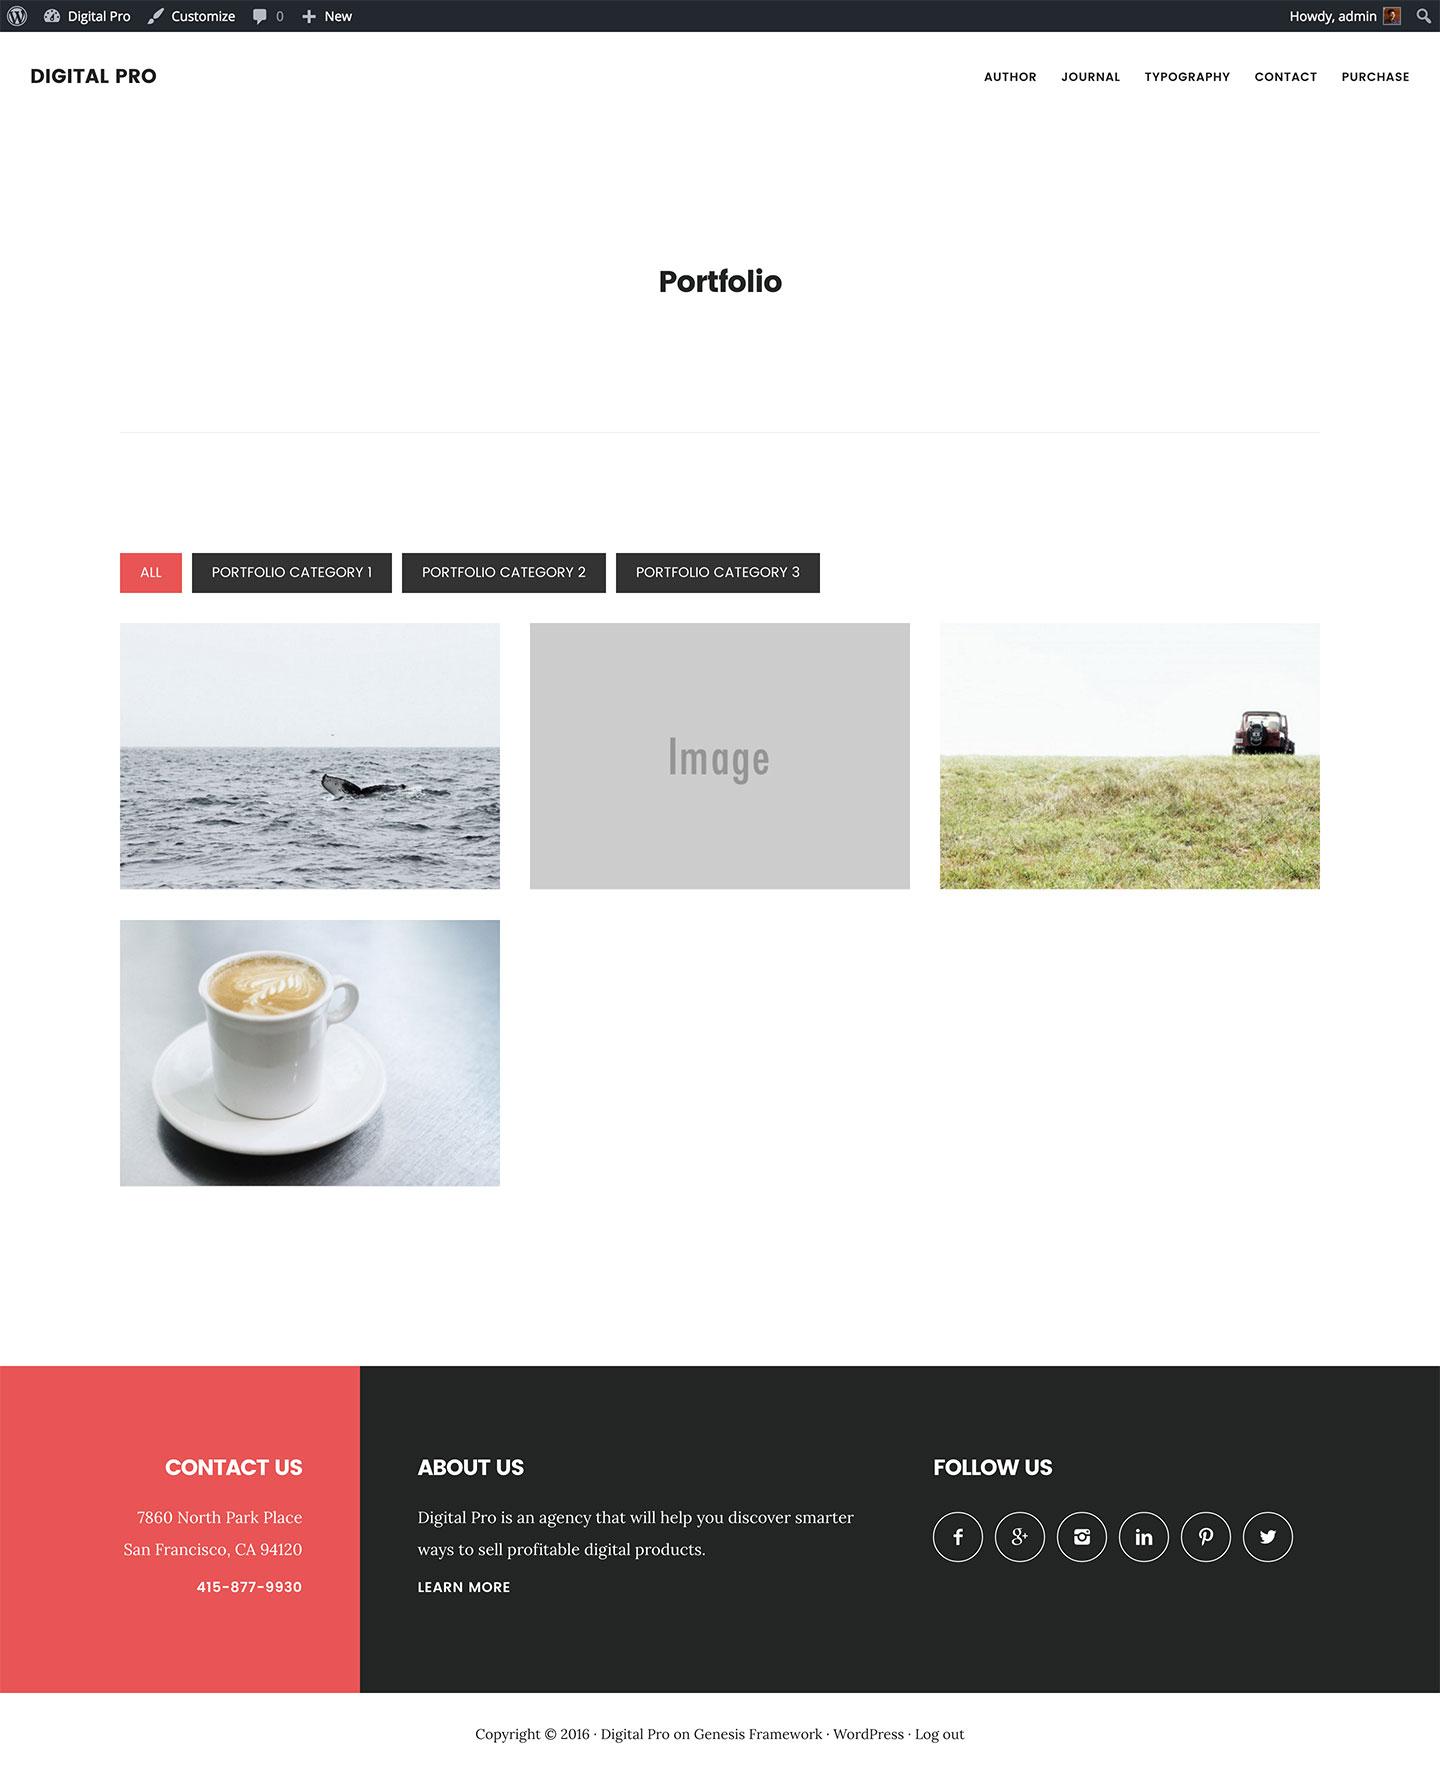 digital-pro-filterable-portfolio-desktop